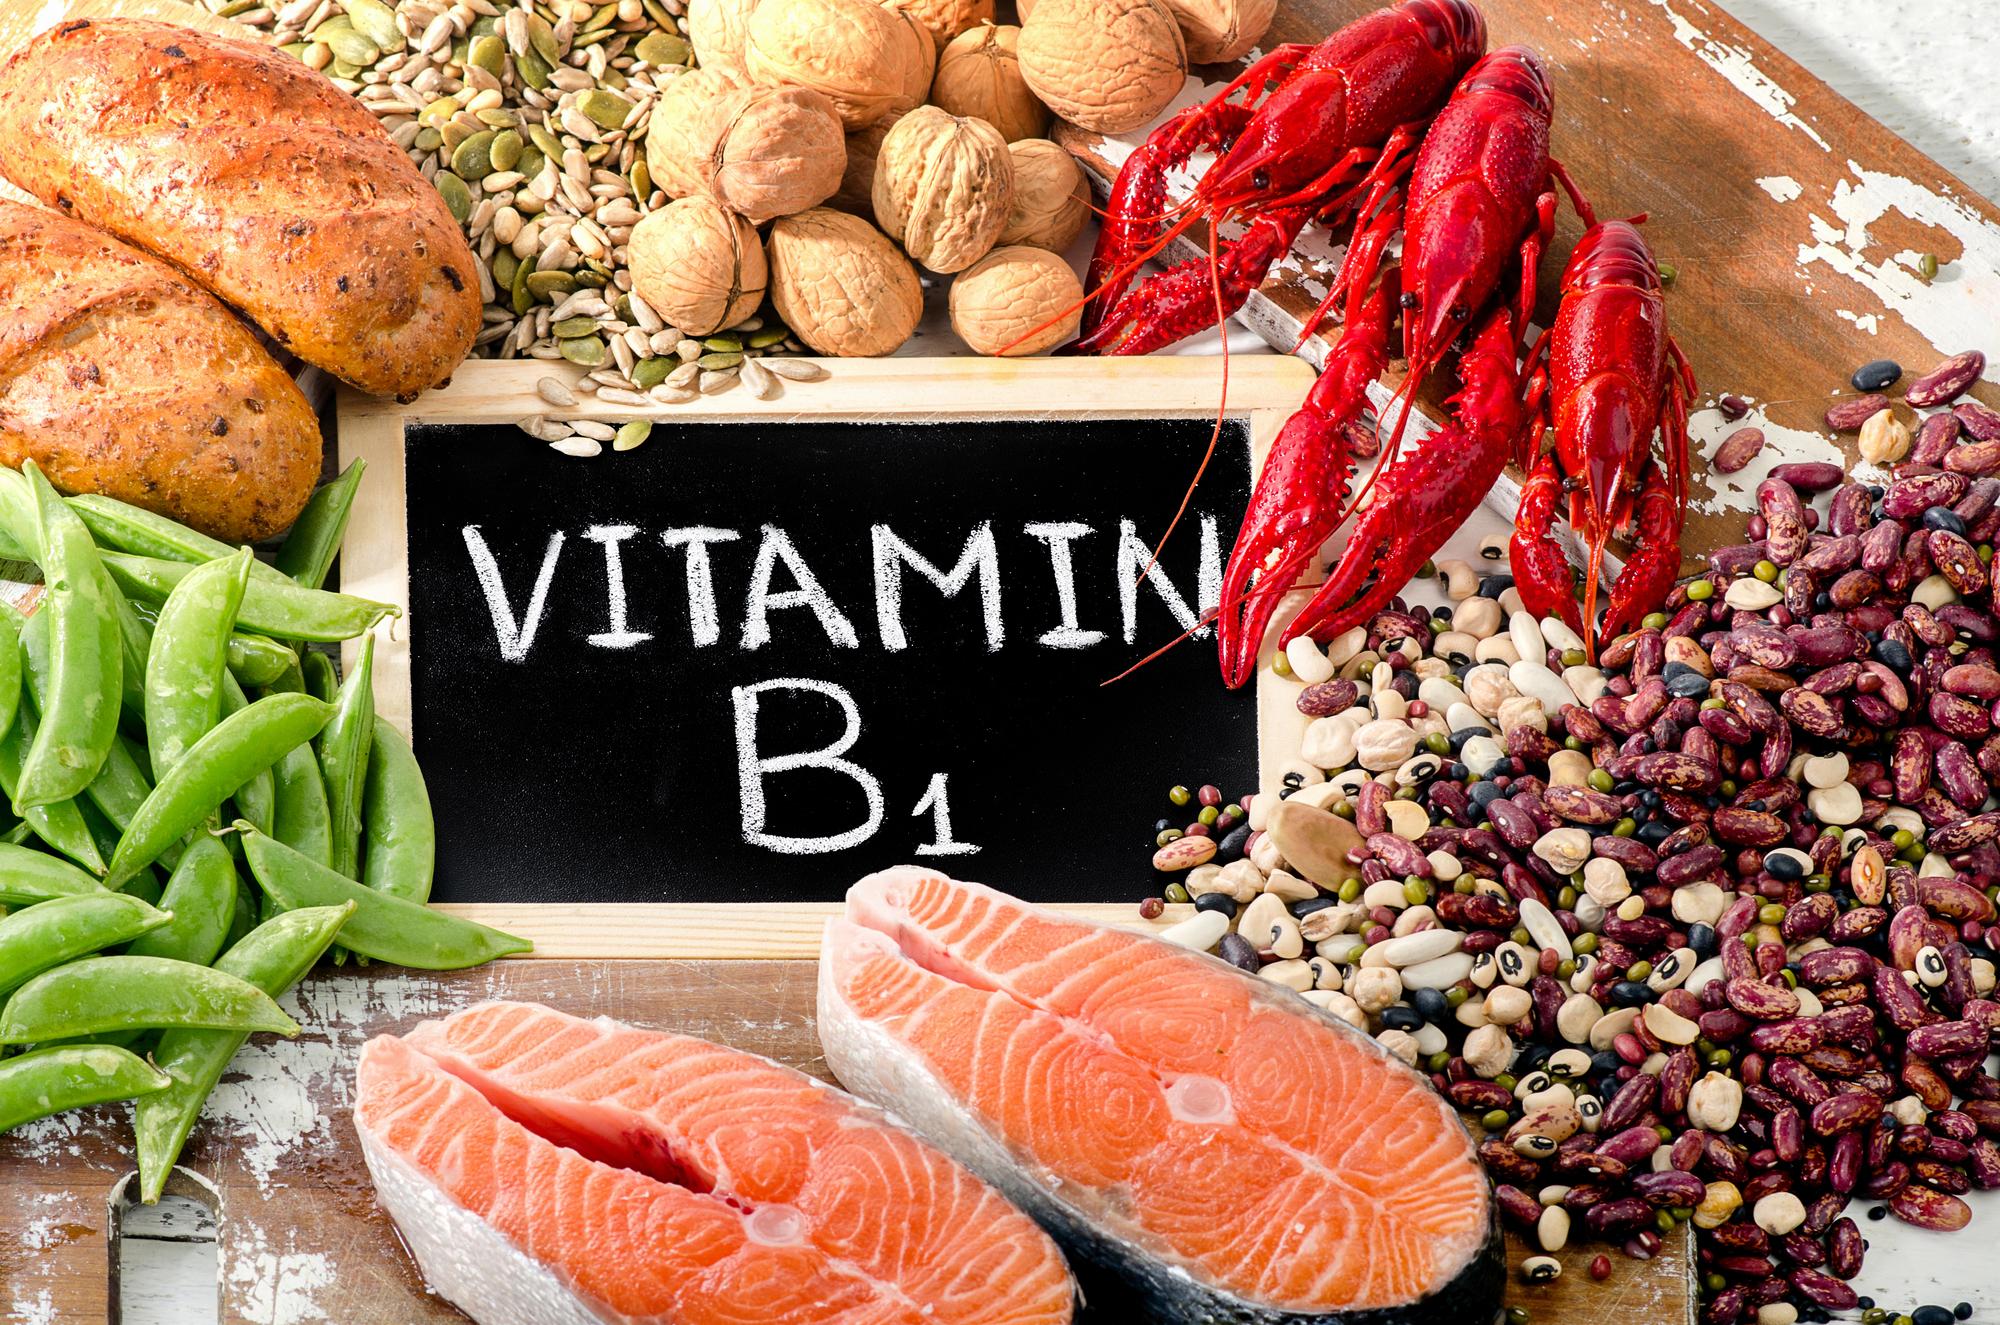 Ульяна Супрун рассказала, почему организму нужен витамин В1